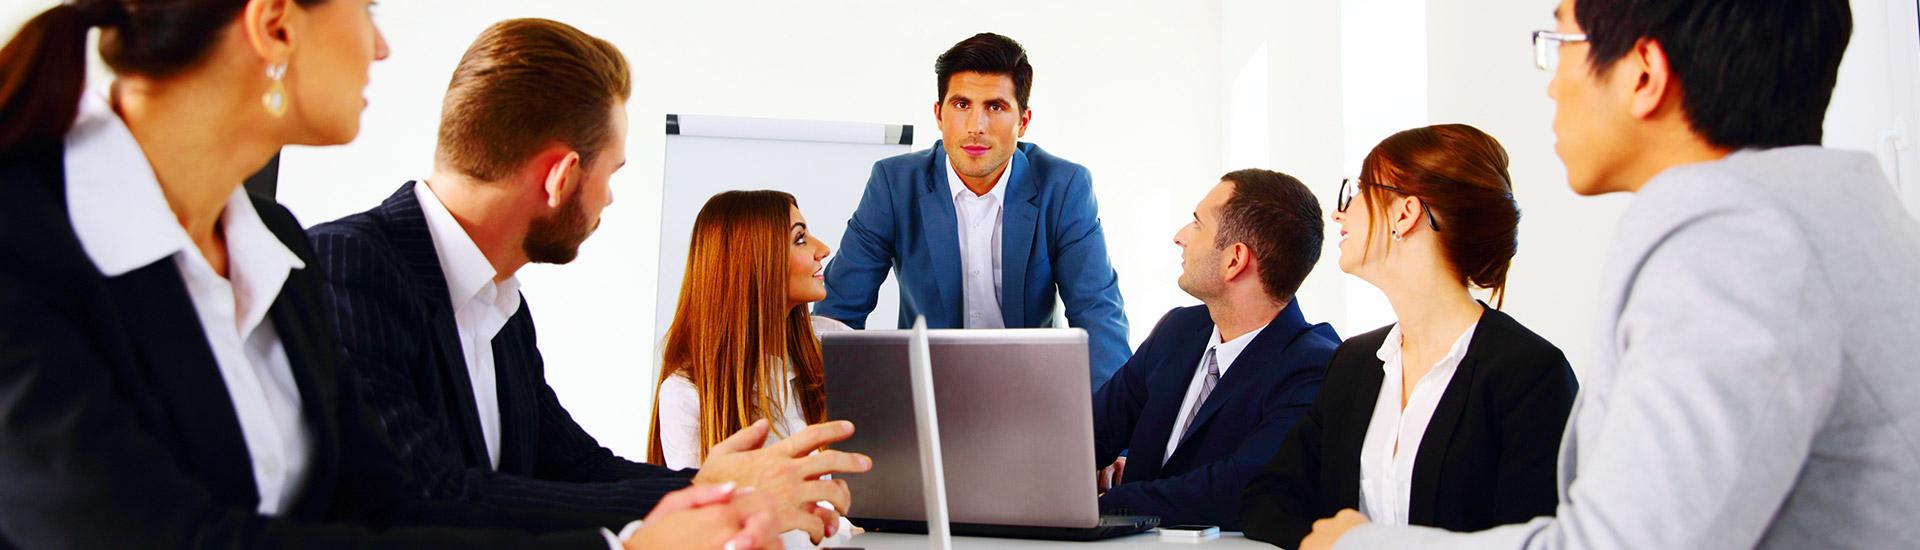 leadership team image